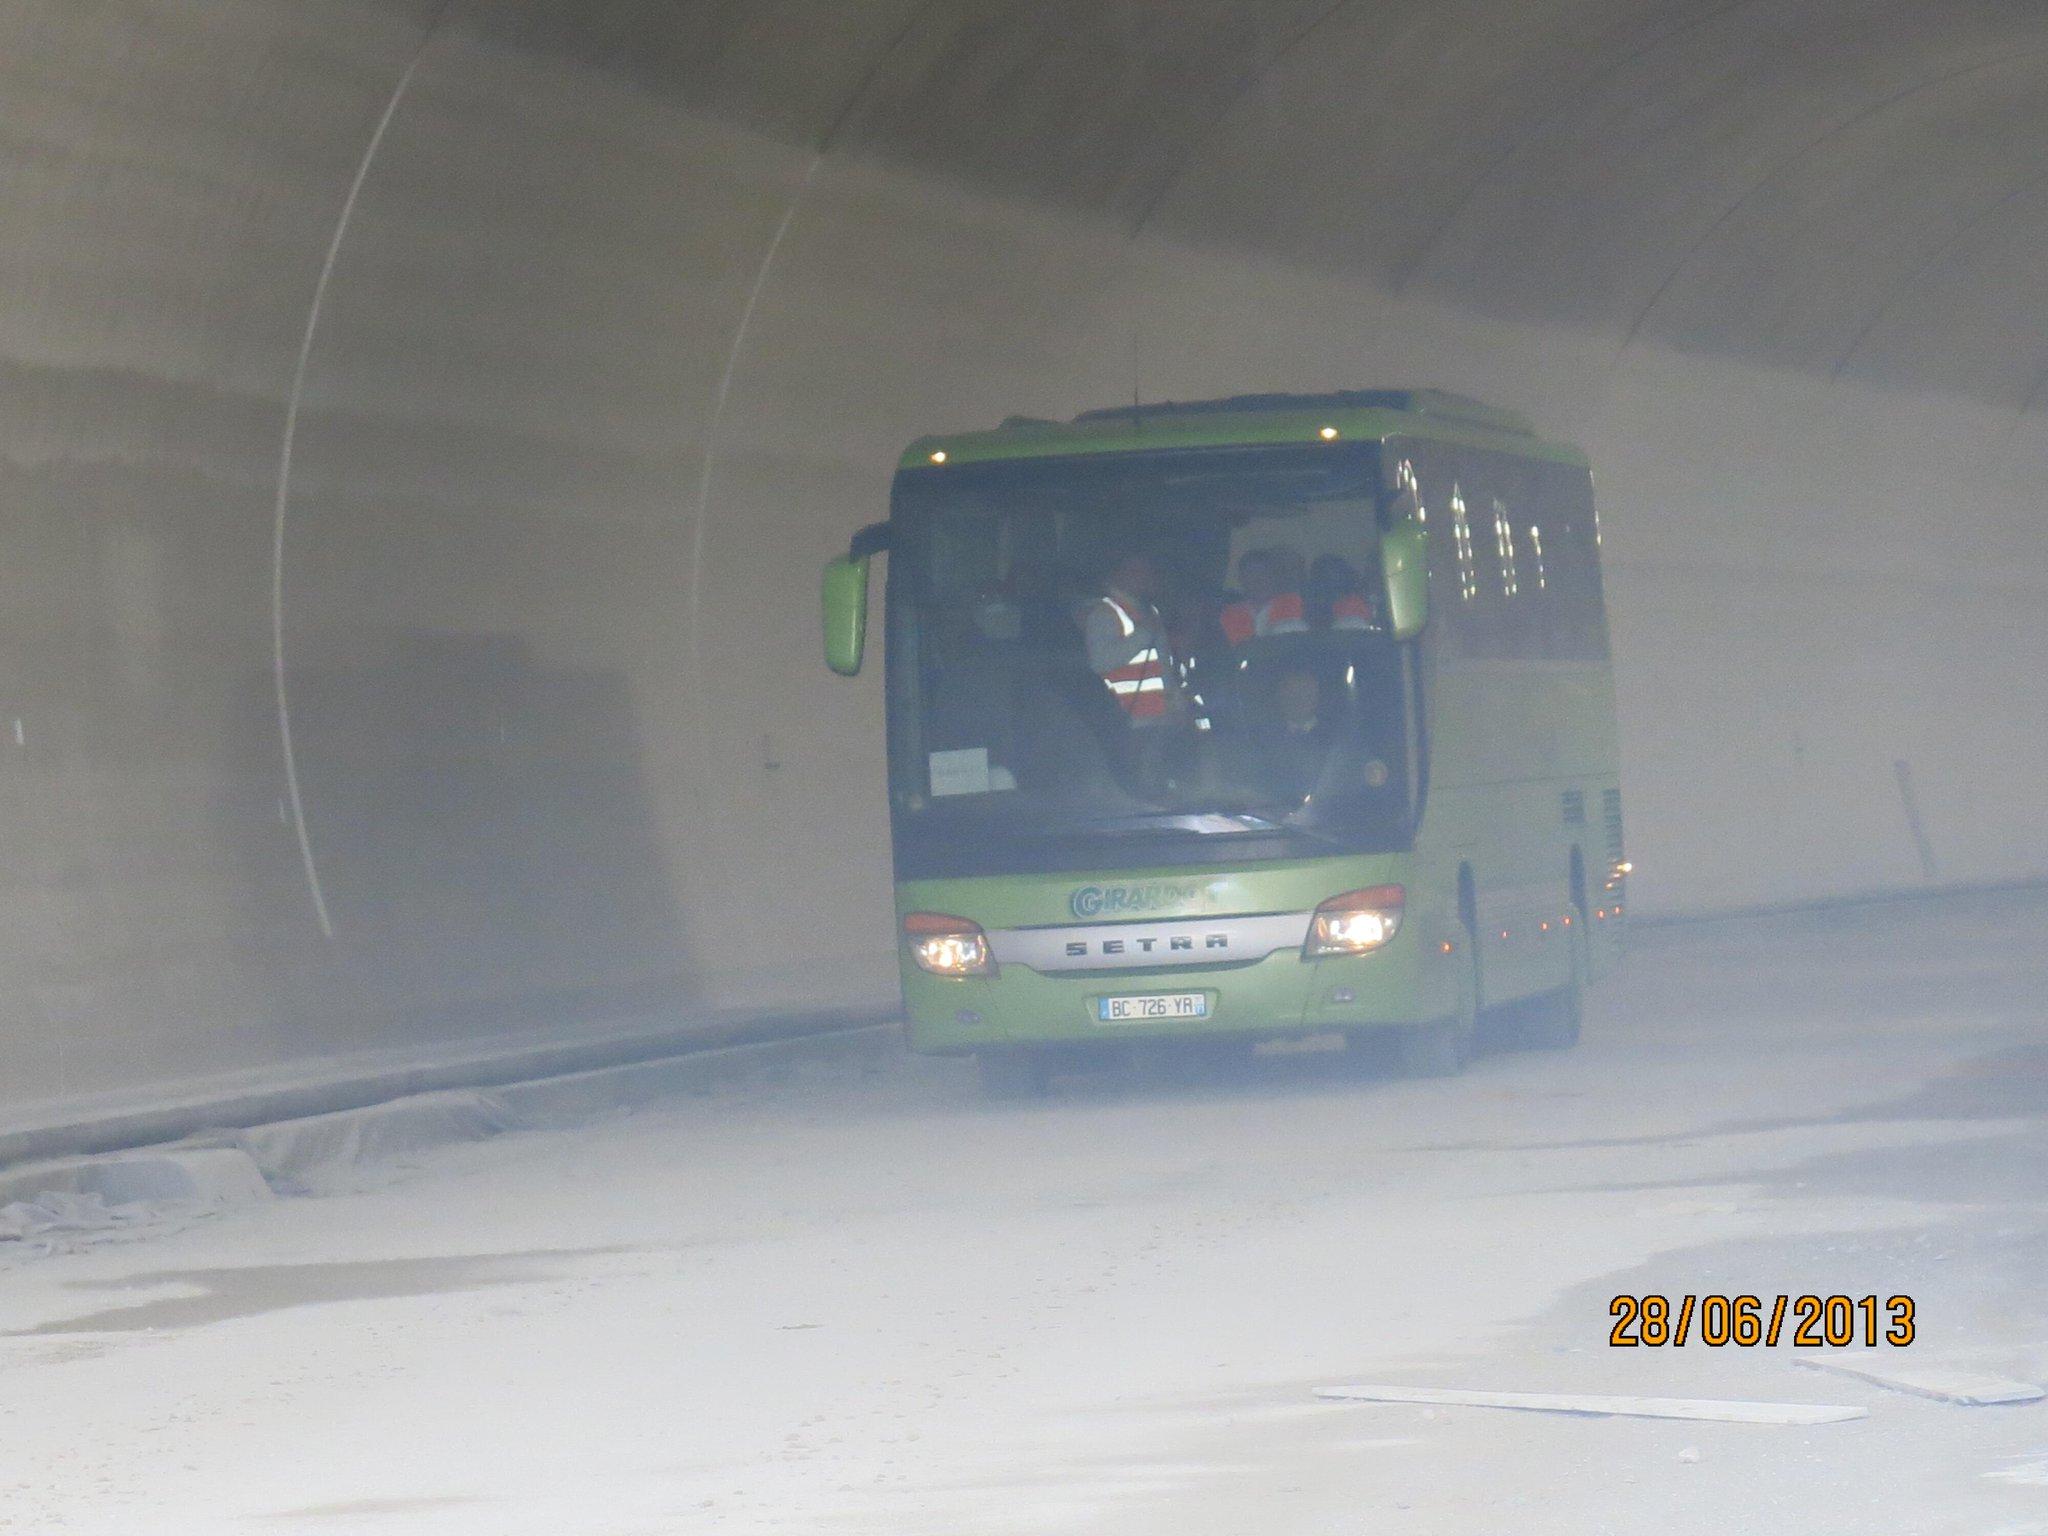 Petite histoire.  Grand moment. Le 1er bus a sortir de la lino. Merci aux 150 ptcpants. gigot bitume now! #futurtp http://t.co/2pcqSUYZ94